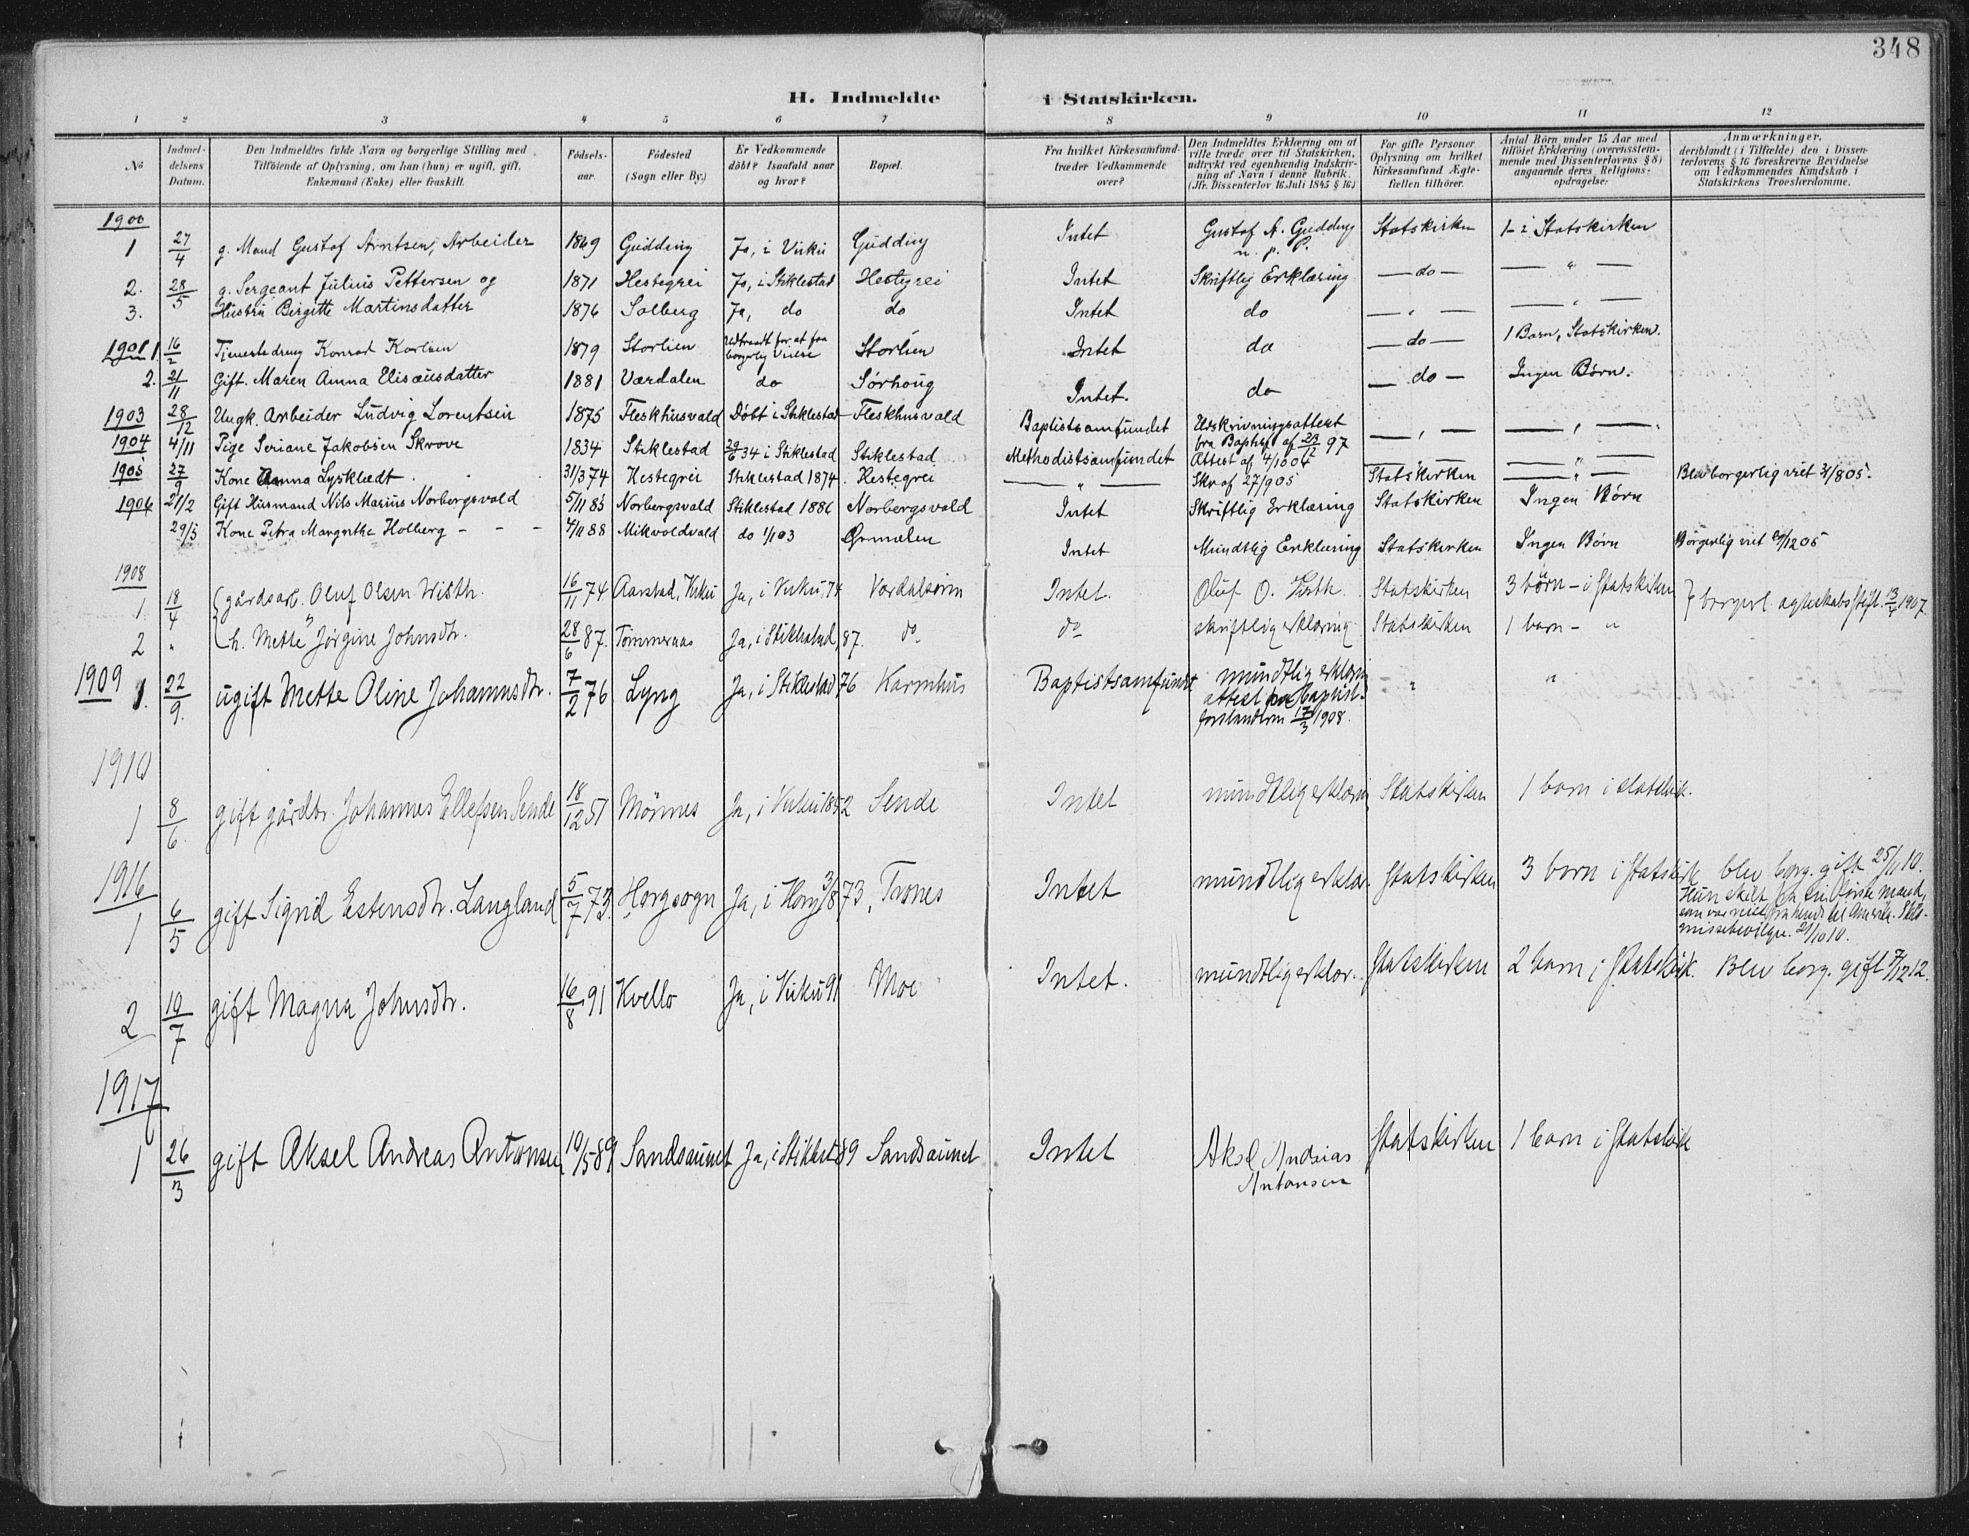 SAT, Ministerialprotokoller, klokkerbøker og fødselsregistre - Nord-Trøndelag, 723/L0246: Ministerialbok nr. 723A15, 1900-1917, s. 348